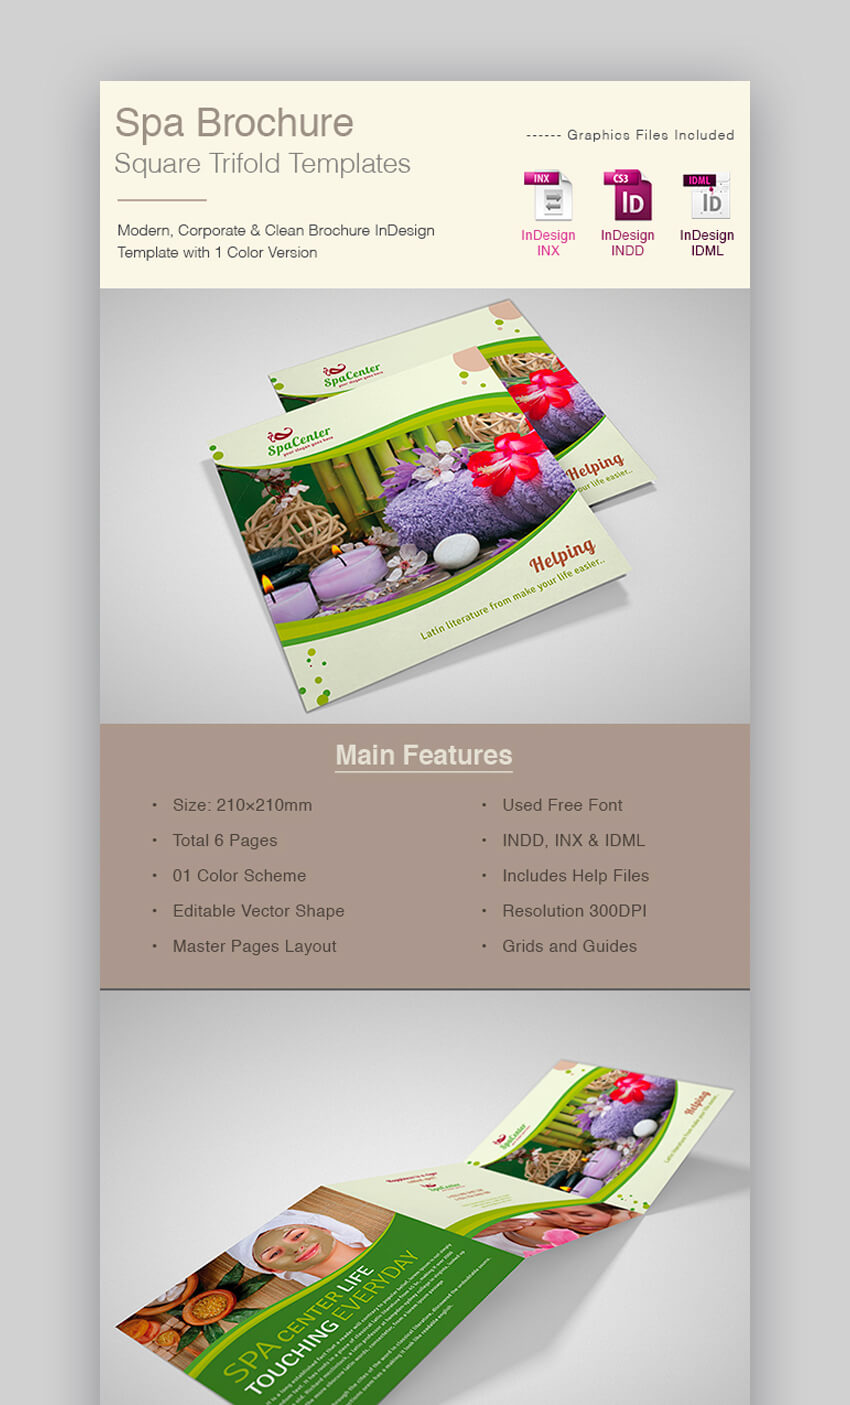 Spa Brochure Square Trifold